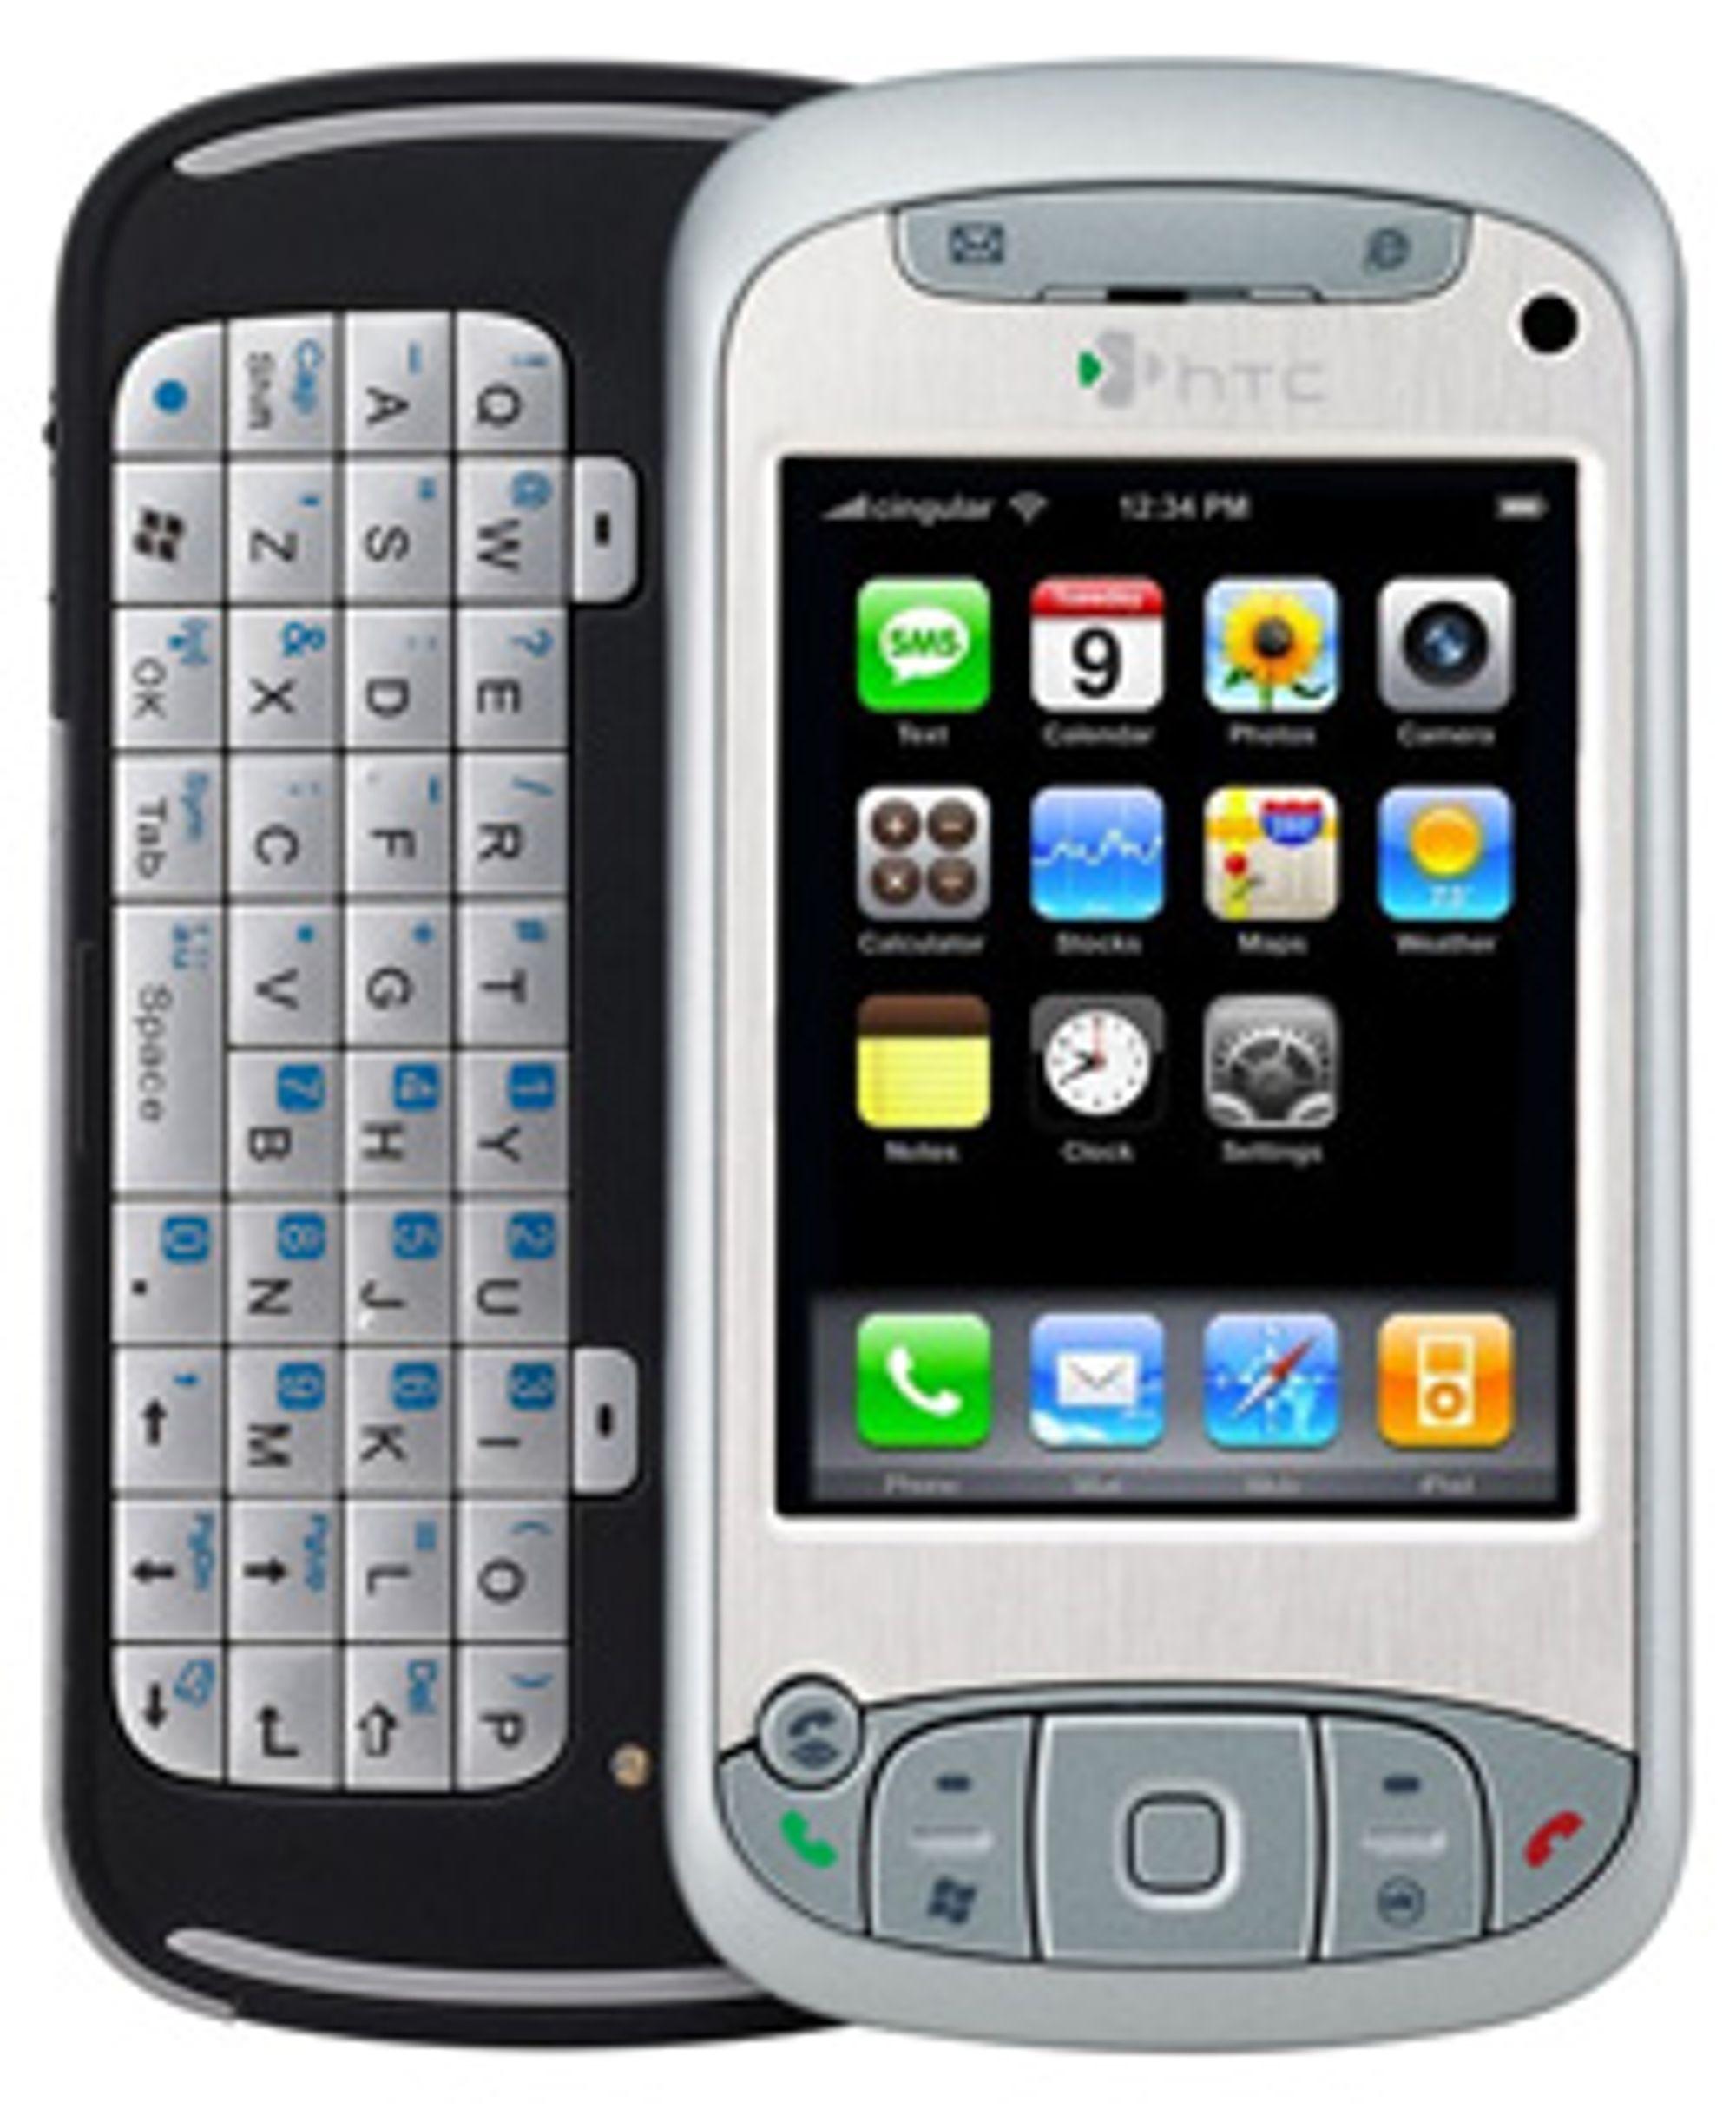 Hva med iPhone-tema på HTCs TyTn? (Illustrasjon: Silje Gomnæs)